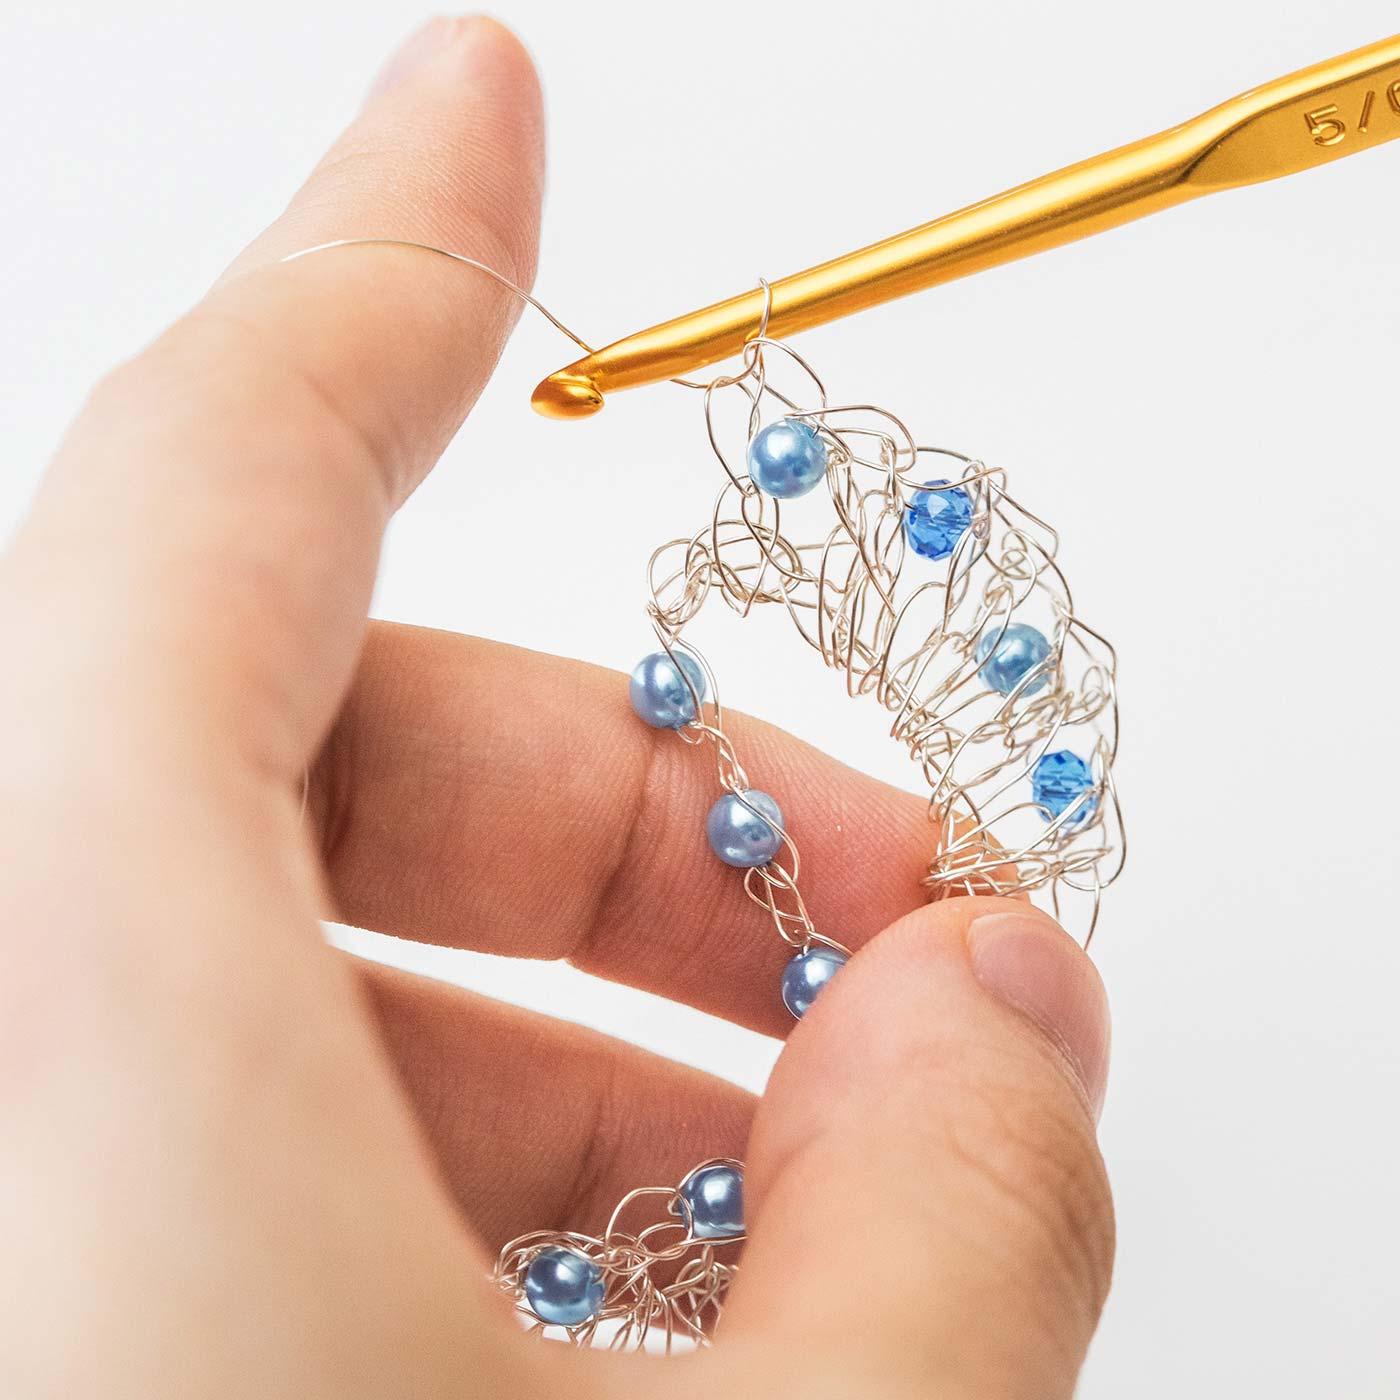 基本的な編み方は、かぎ針編みと同じ。ワイヤーにビーズを編み入れることで輝きが増します。編み終えた後から、手で形を整えられるのもワイヤーならでは。